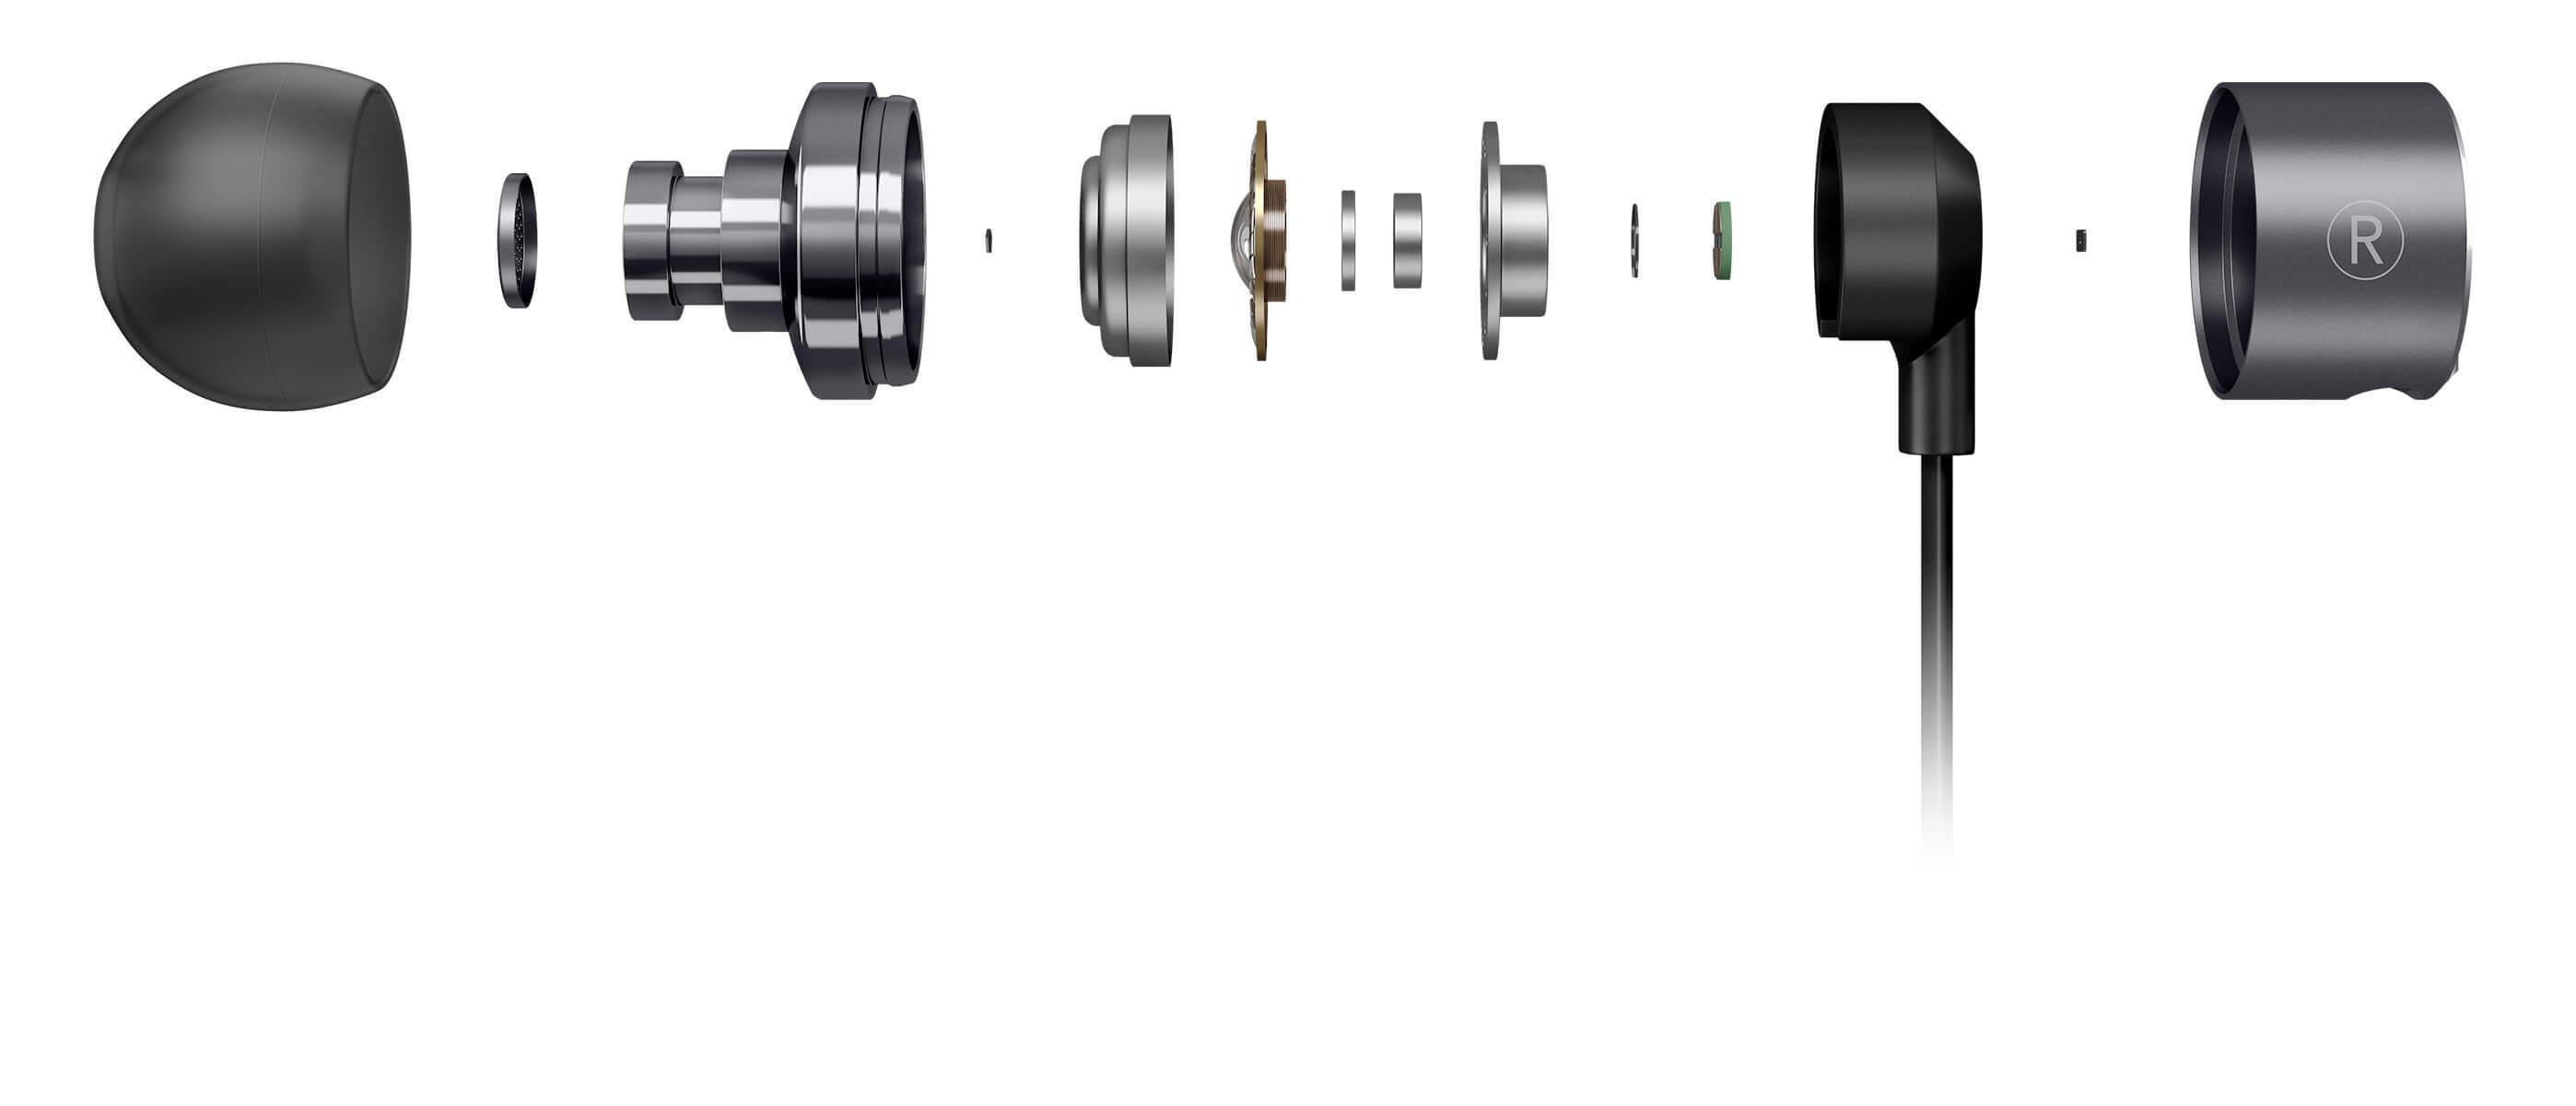 Oneplus Bullets Earphone